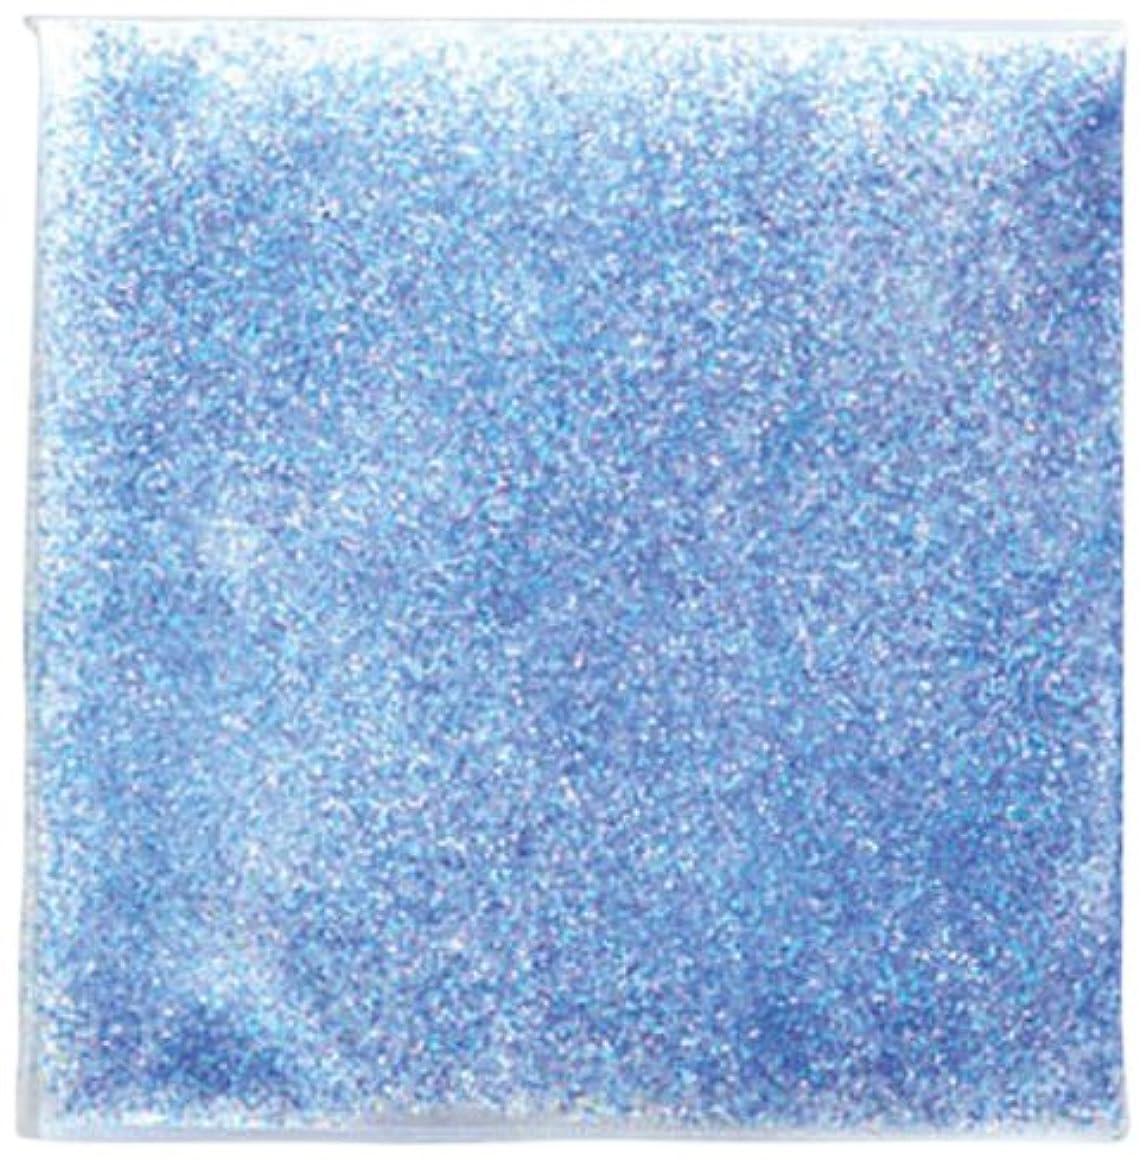 選ぶピッチャー謎ピカエース ネイル用パウダー ラメパステルレインボー S #447 ブルー 0.7g